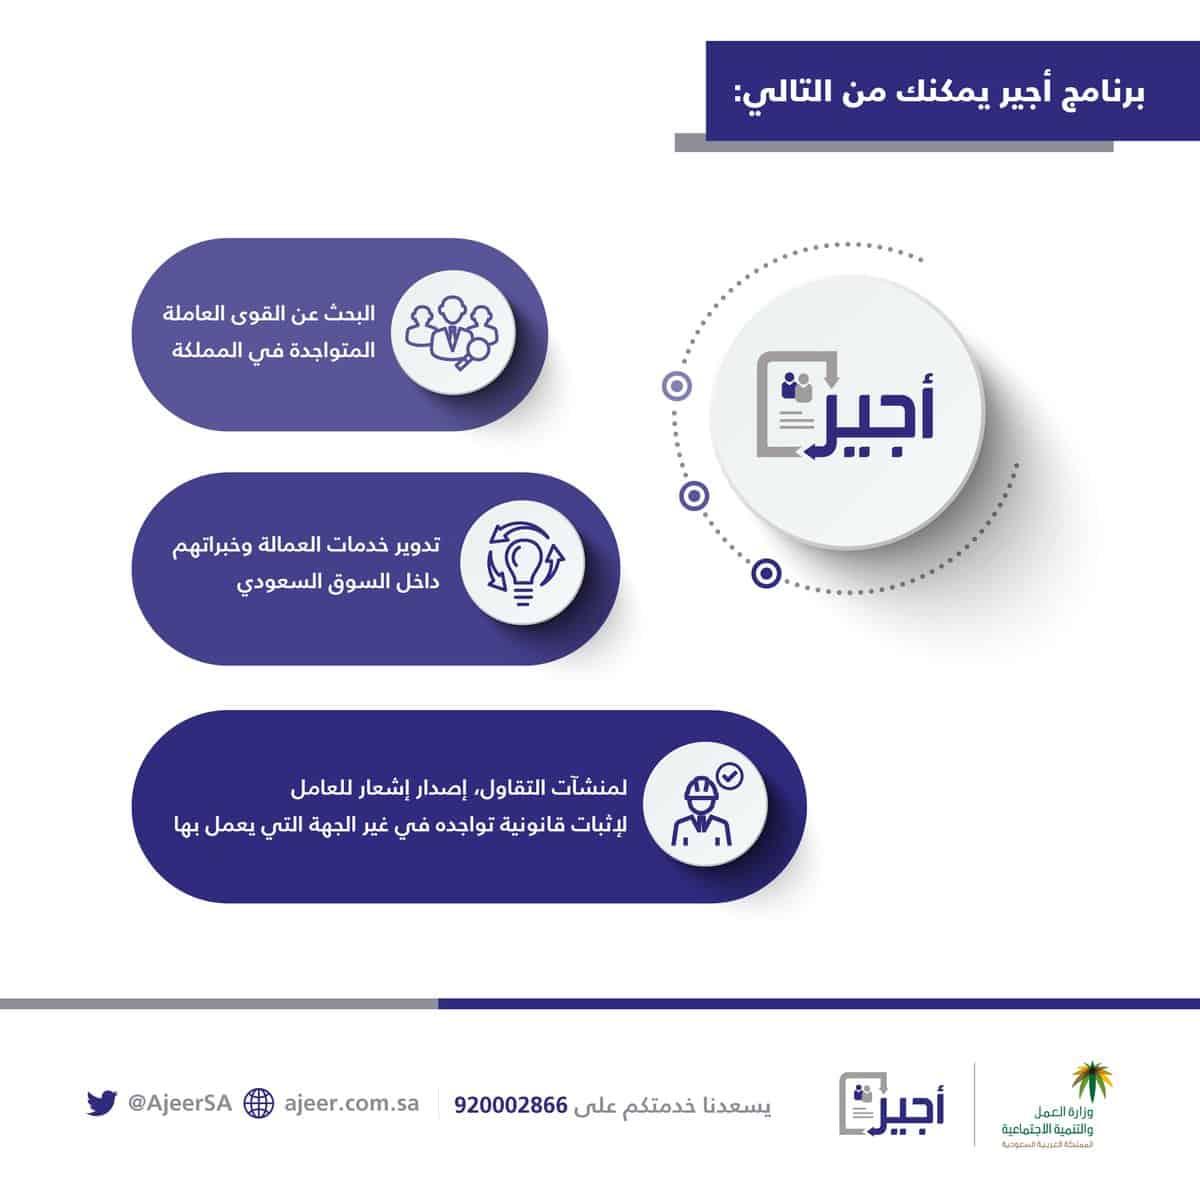 نظام أجير لخدمات الأعمال